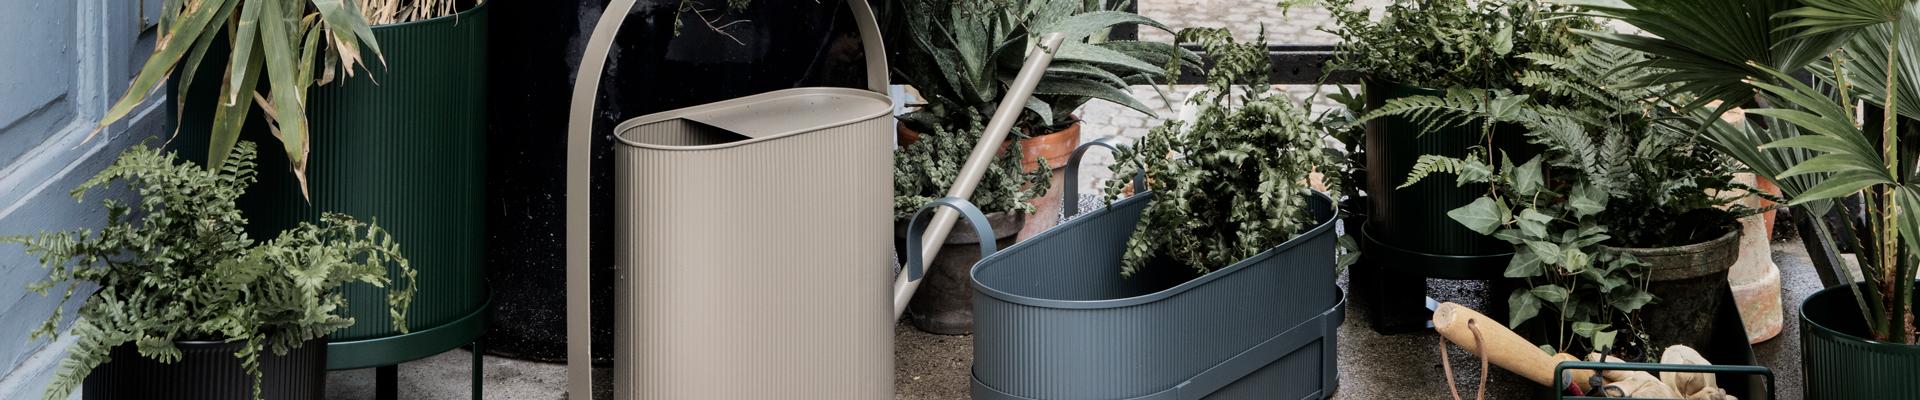 Plantenbak kopen: waar let je op?